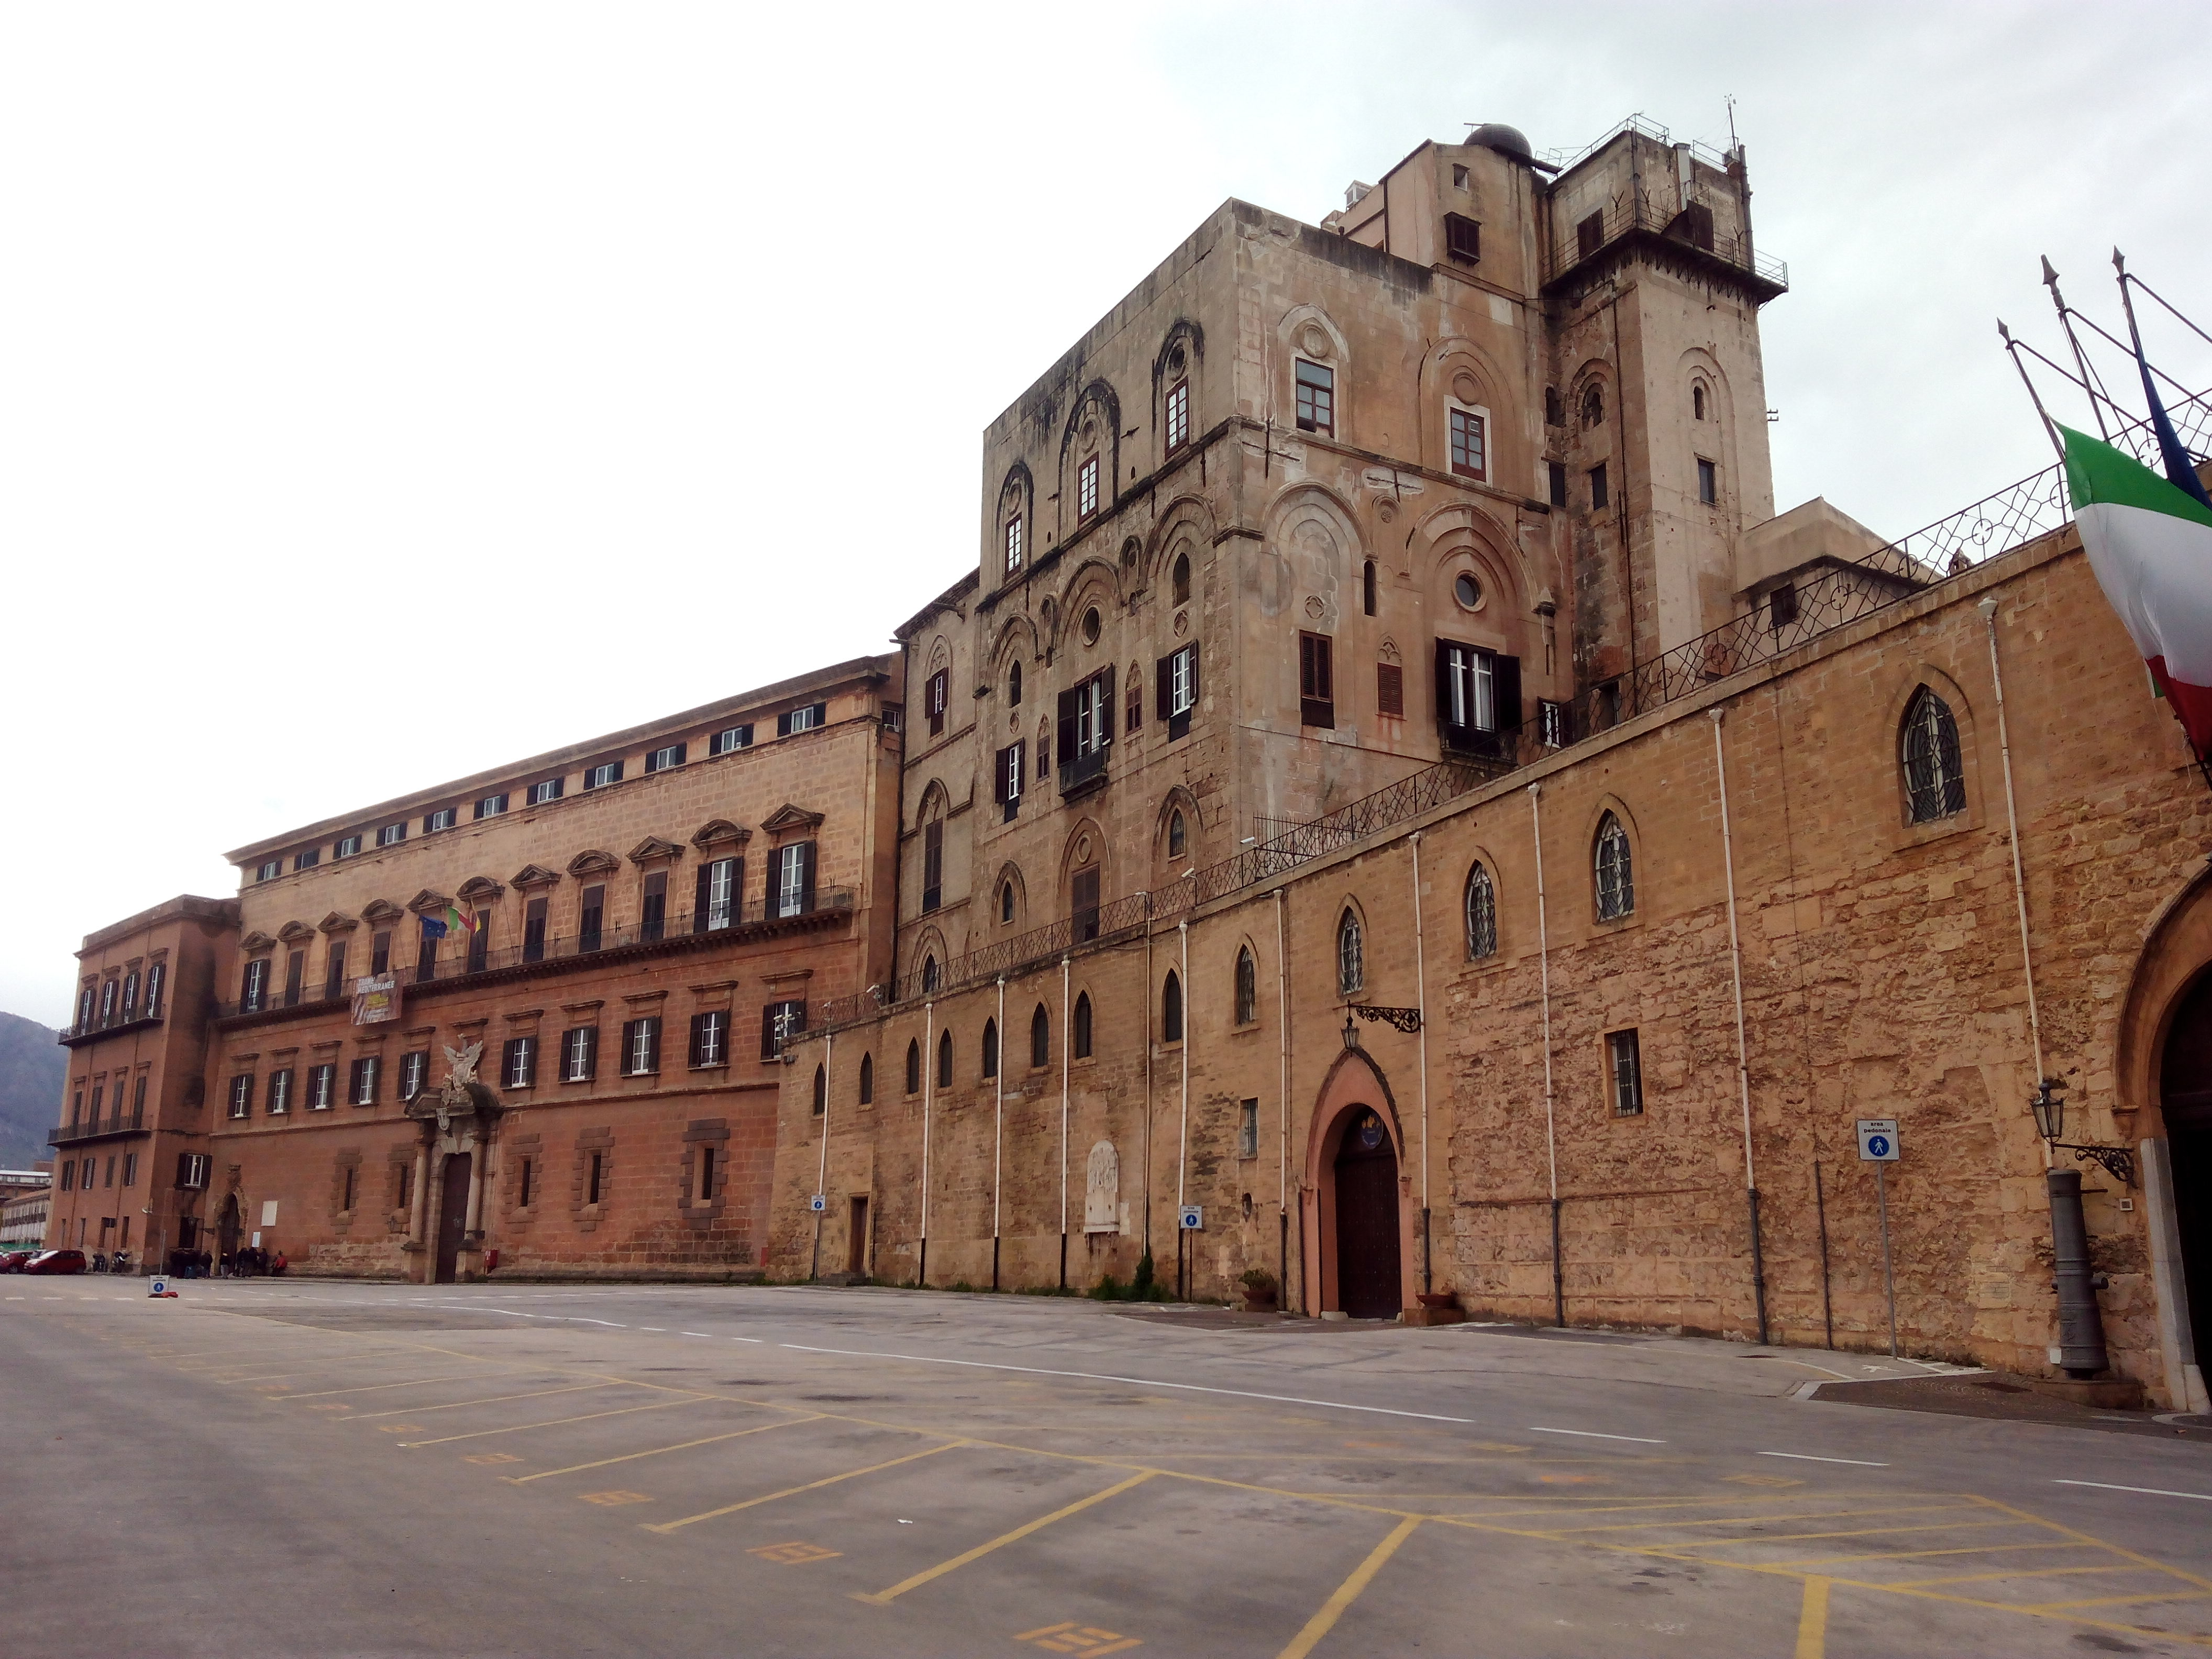 Palermo - palazzo dei Normanni